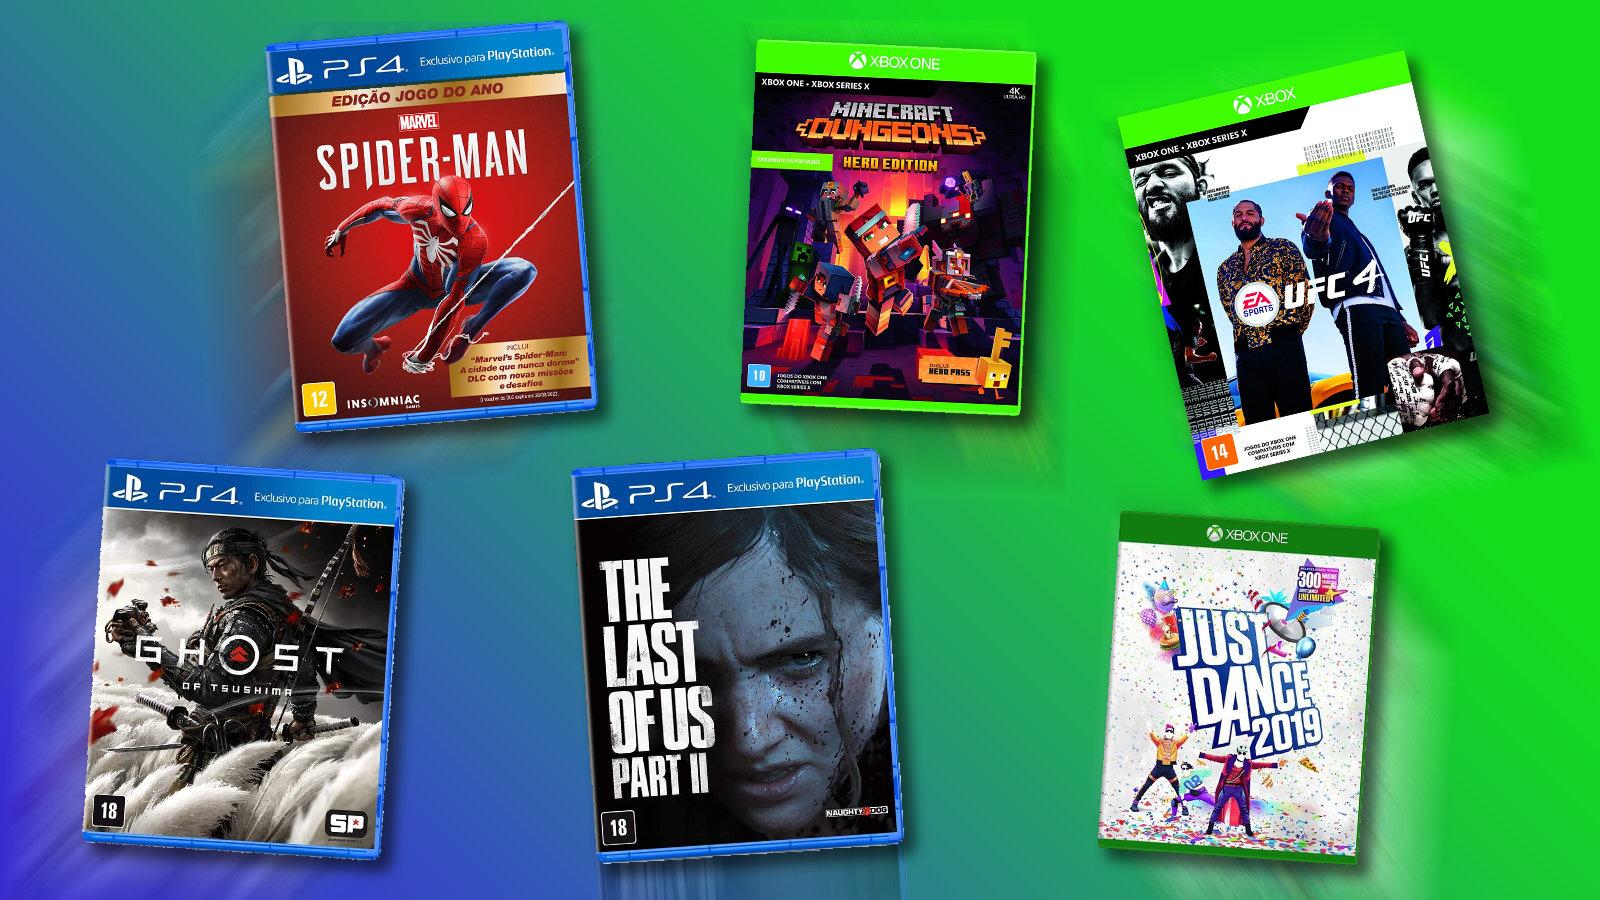 Jogos na black friday: games de sucesso e franquias essenciais para você conferir. Marvel's spider-man, the last of us e just dance são alguns dos jogos na black friday!